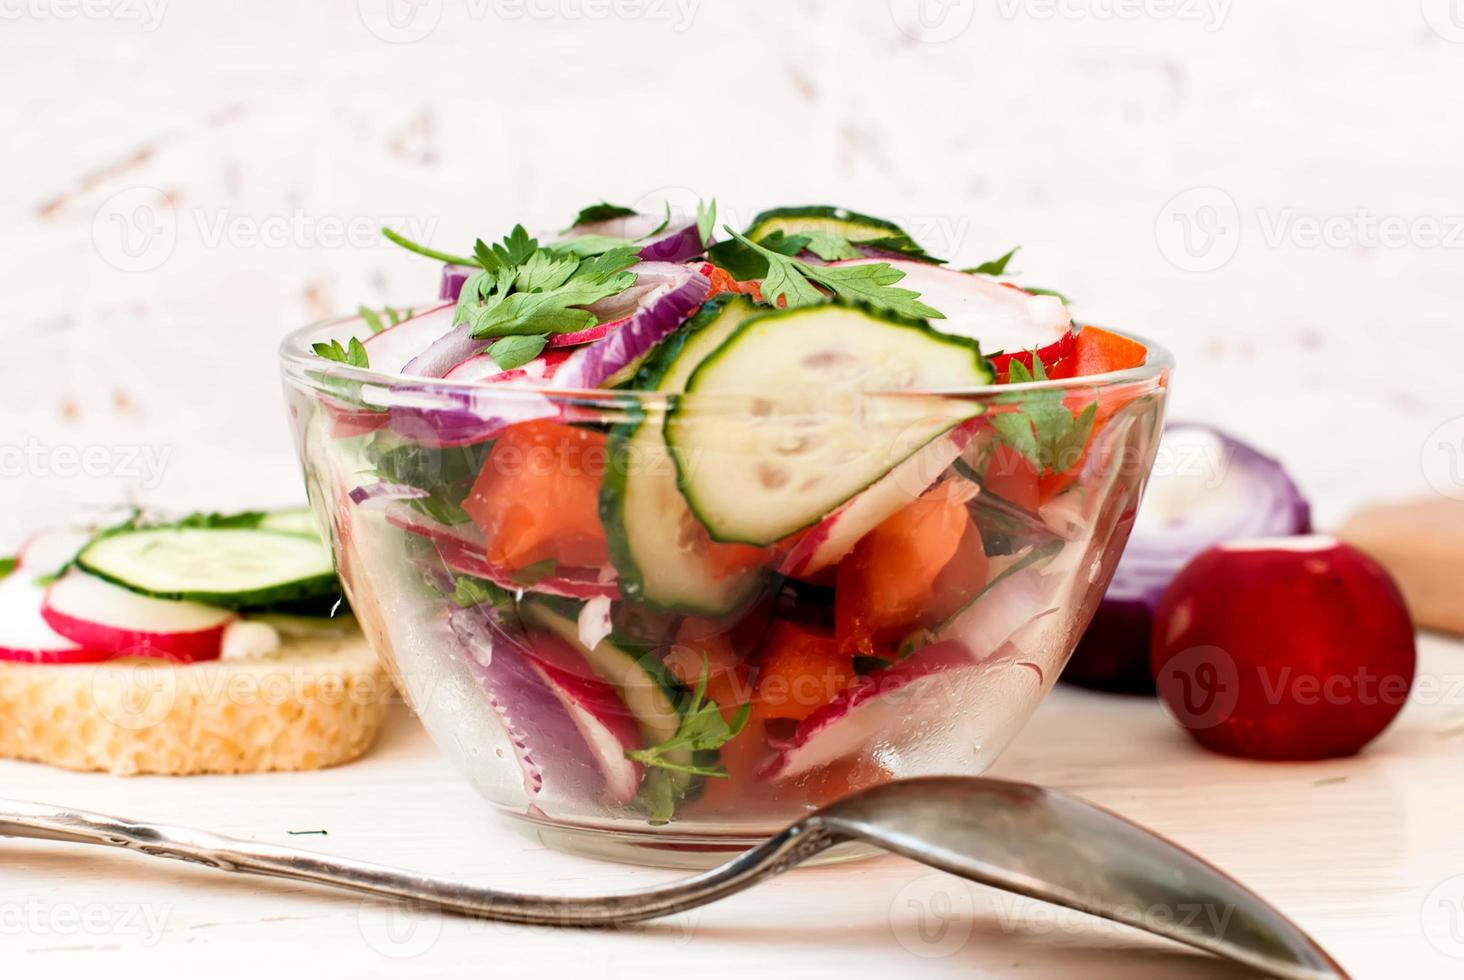 lente salade met radijs, komkommer, kool en ui close-up foto